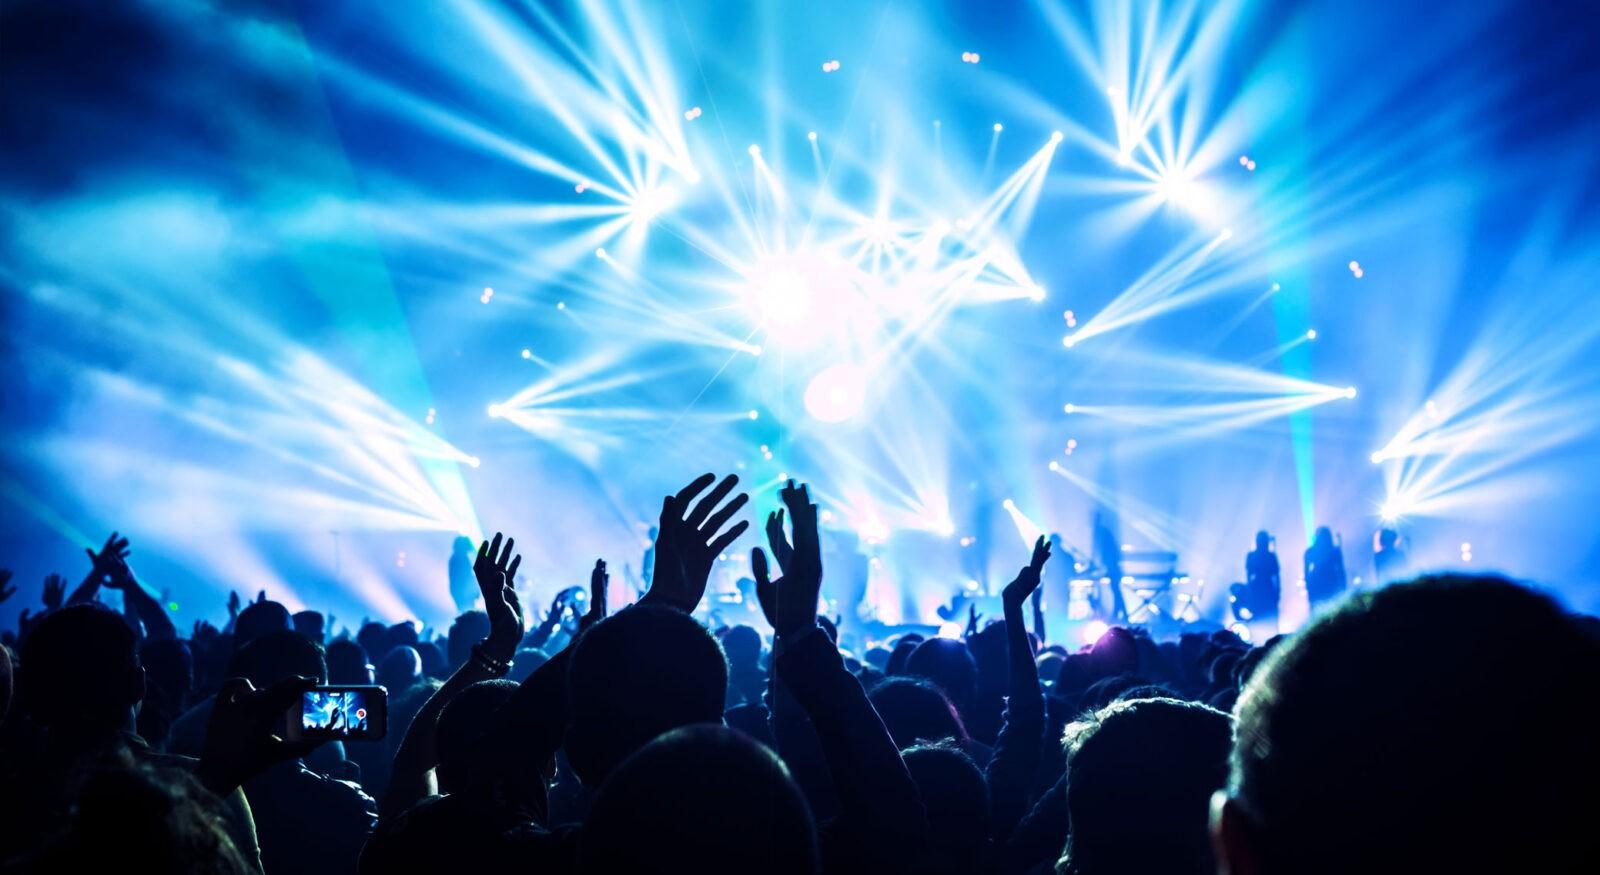 Подписчица Тверьлайф выиграла билеты на концерт